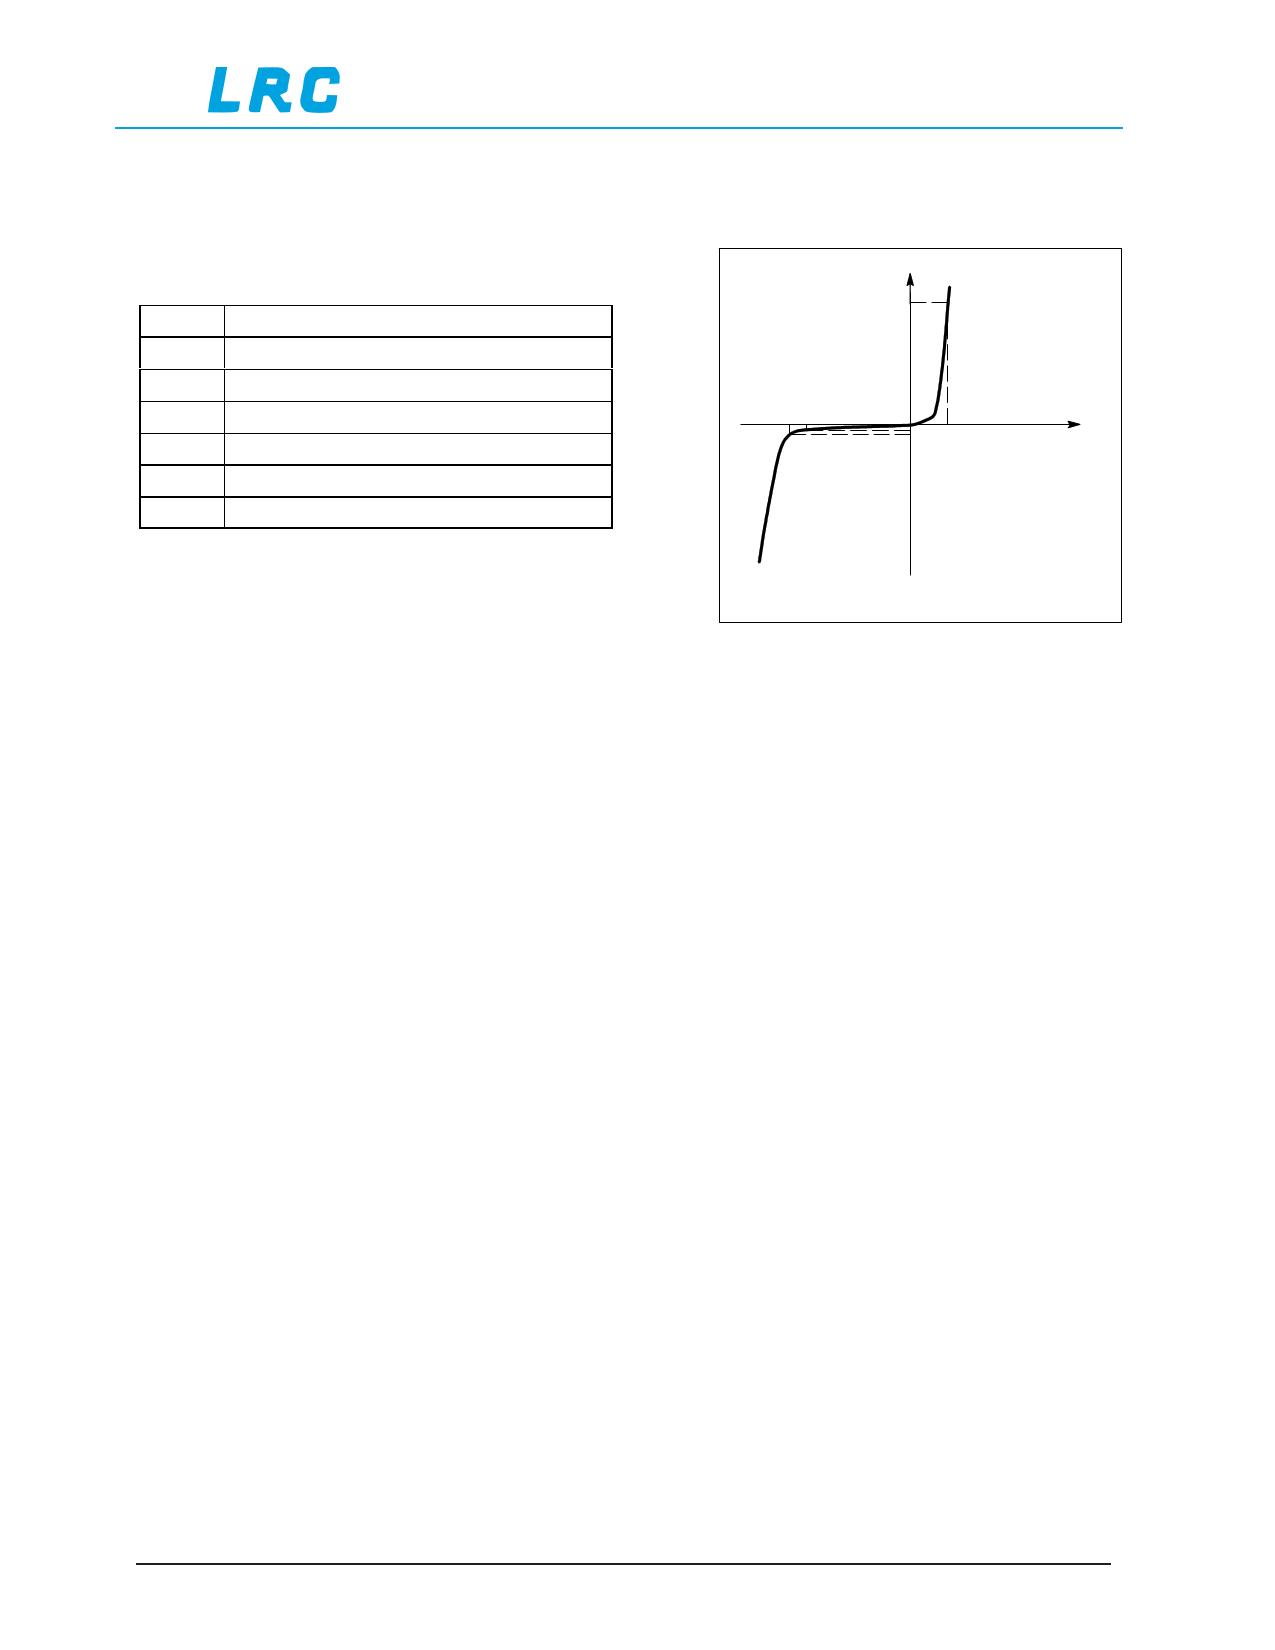 LMSZ4709T1G pdf, schematic